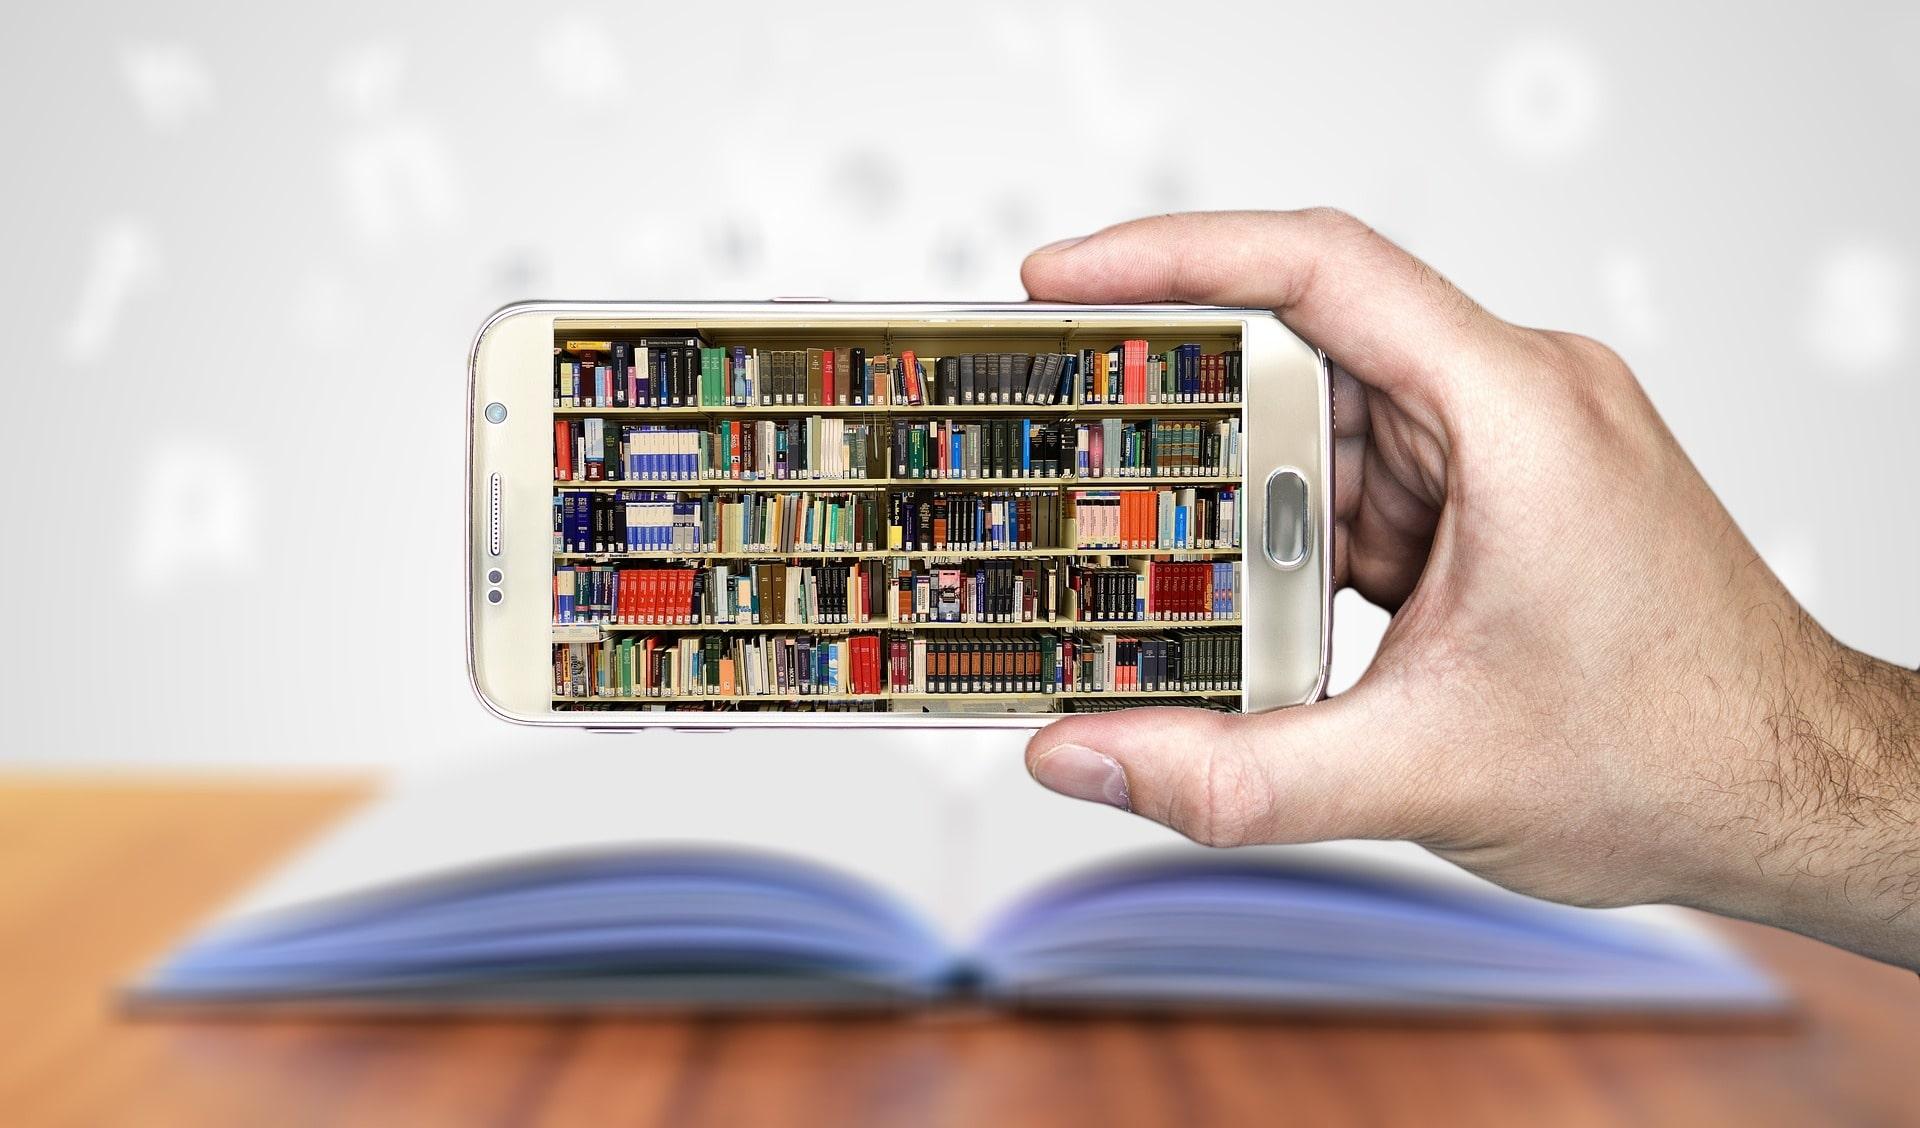 Больше четырехтысяч тверитян подключили сервис «Ростелеком Книги»